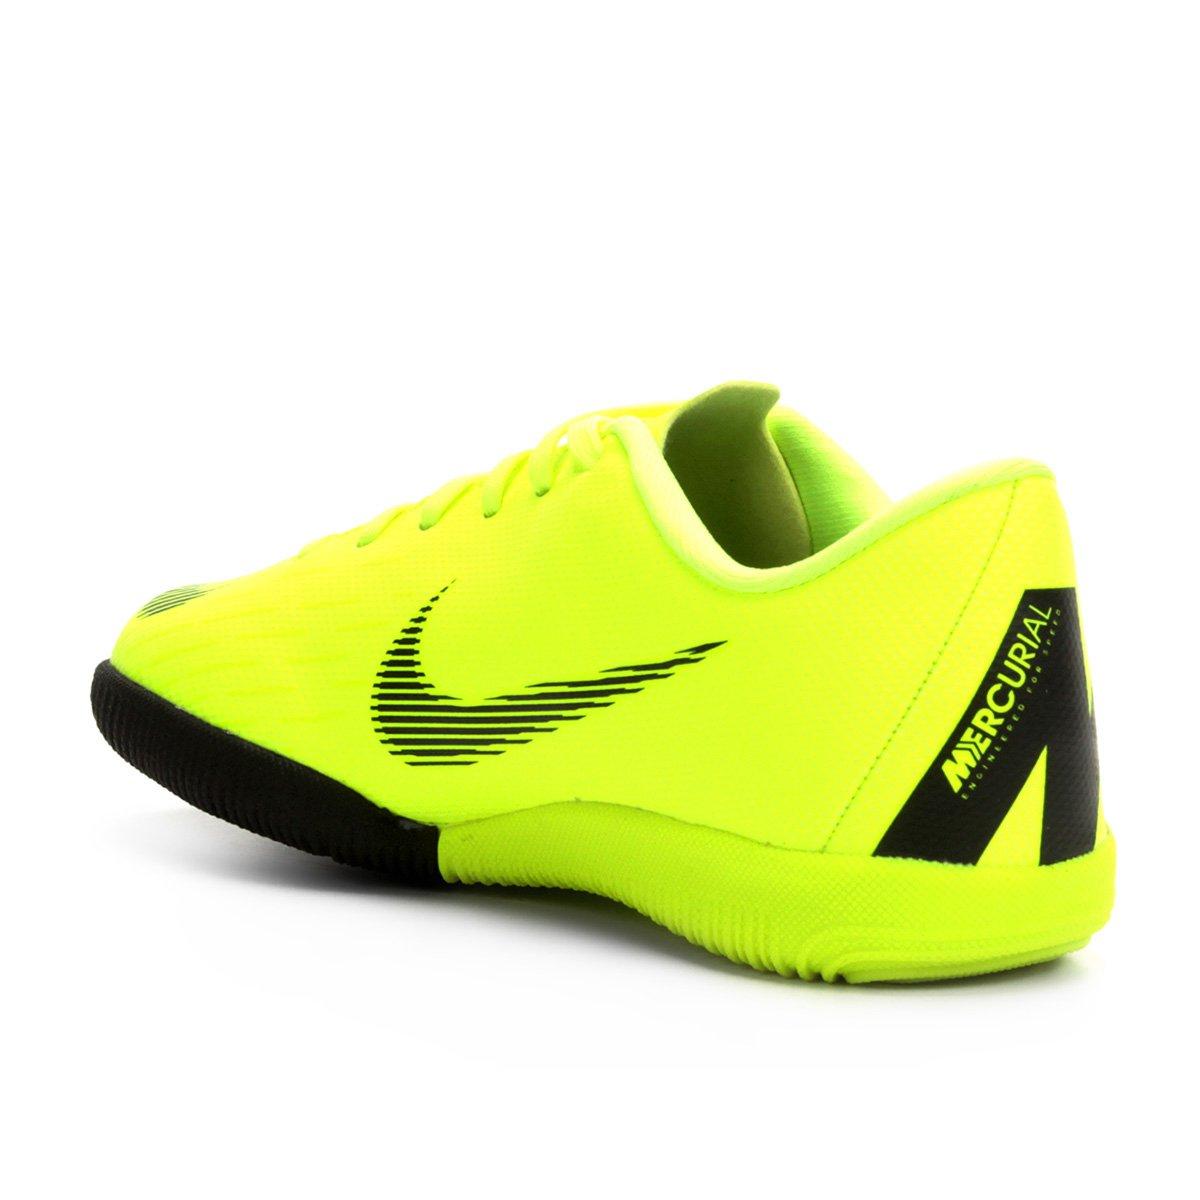 f5e22d7d38aac ... Foto 2 - Chuteira Futsal Infantil Nike Mercurial Vapor 12 Academy GS IC